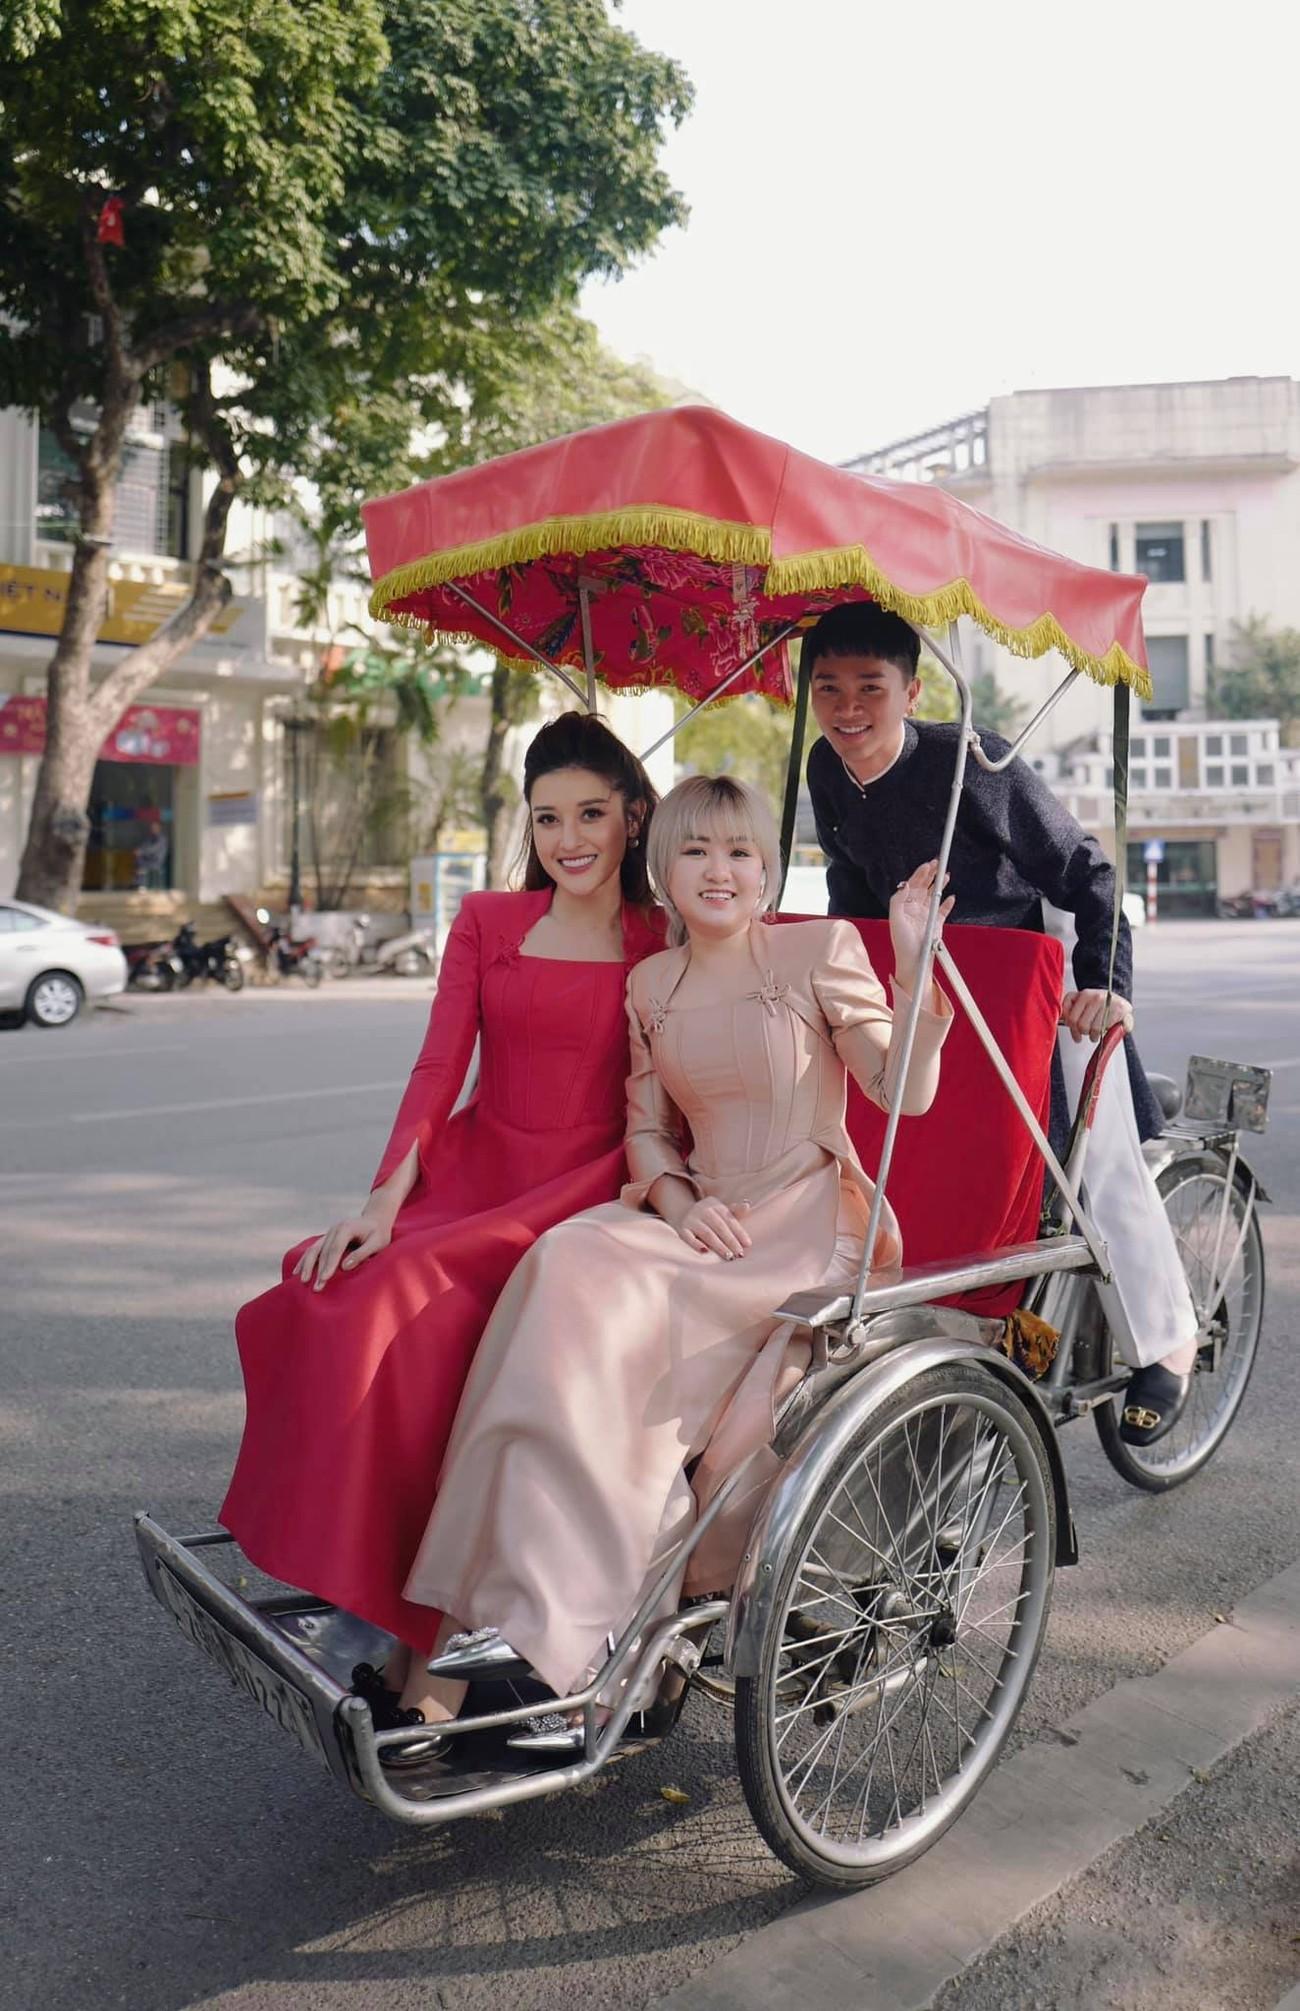 Hoa hậu Đỗ Thị Hà xinh đẹp nền nã với áo dài, H'Hen Niê hoá búp bê barbie nóng bỏng ảnh 11